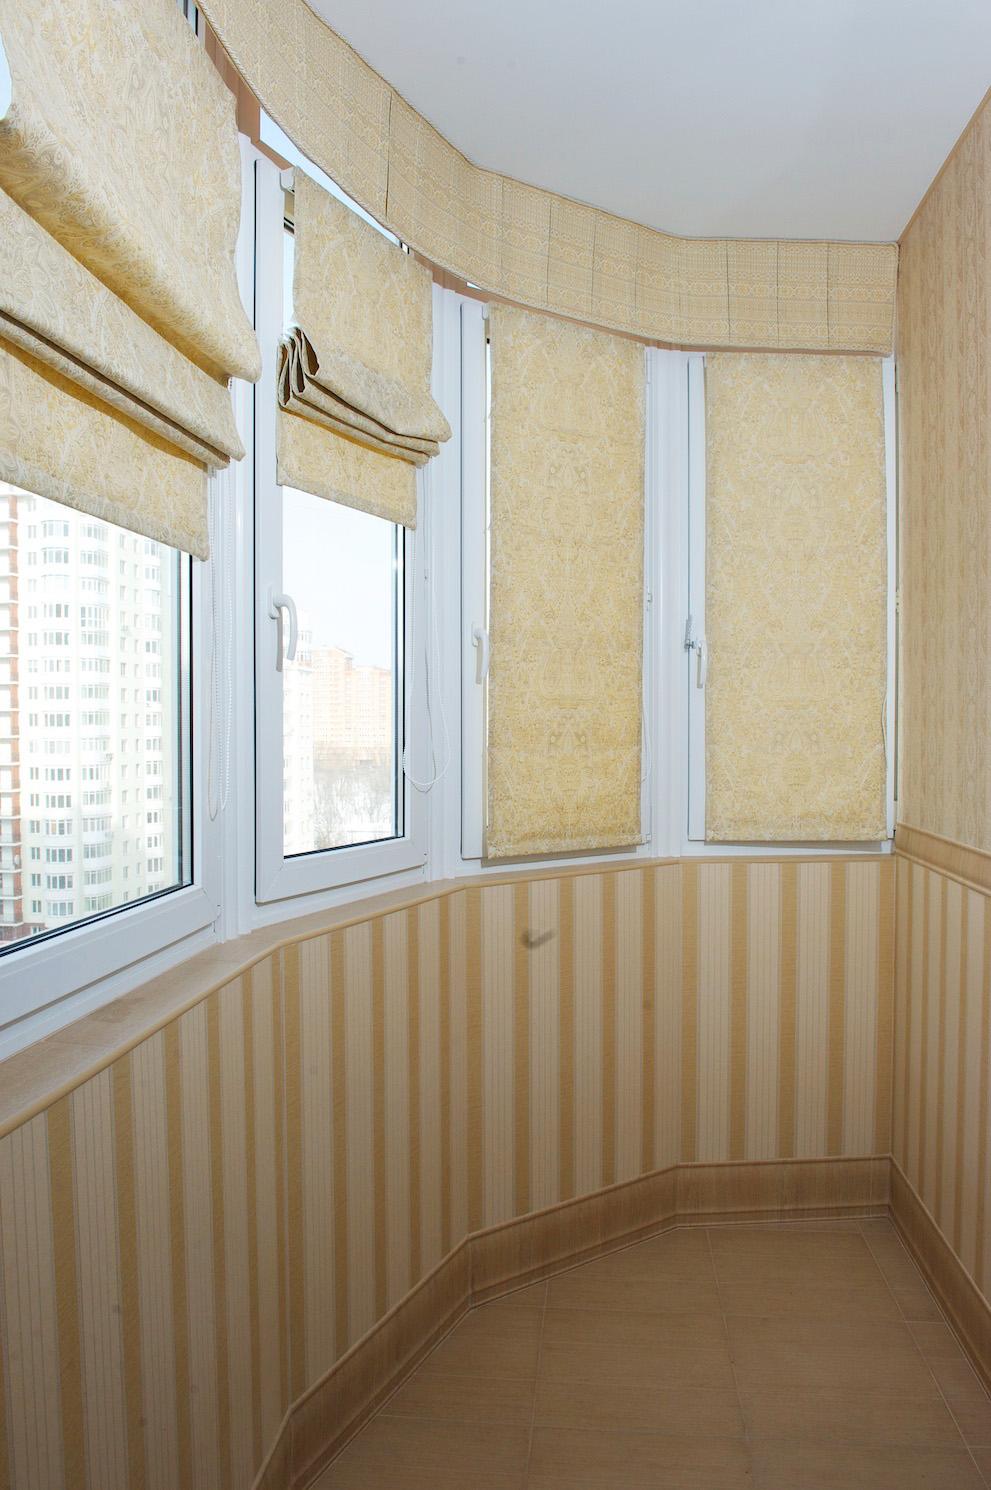 Римские шторы на балкон цена. - дизайн маленьких лоджий - ка.